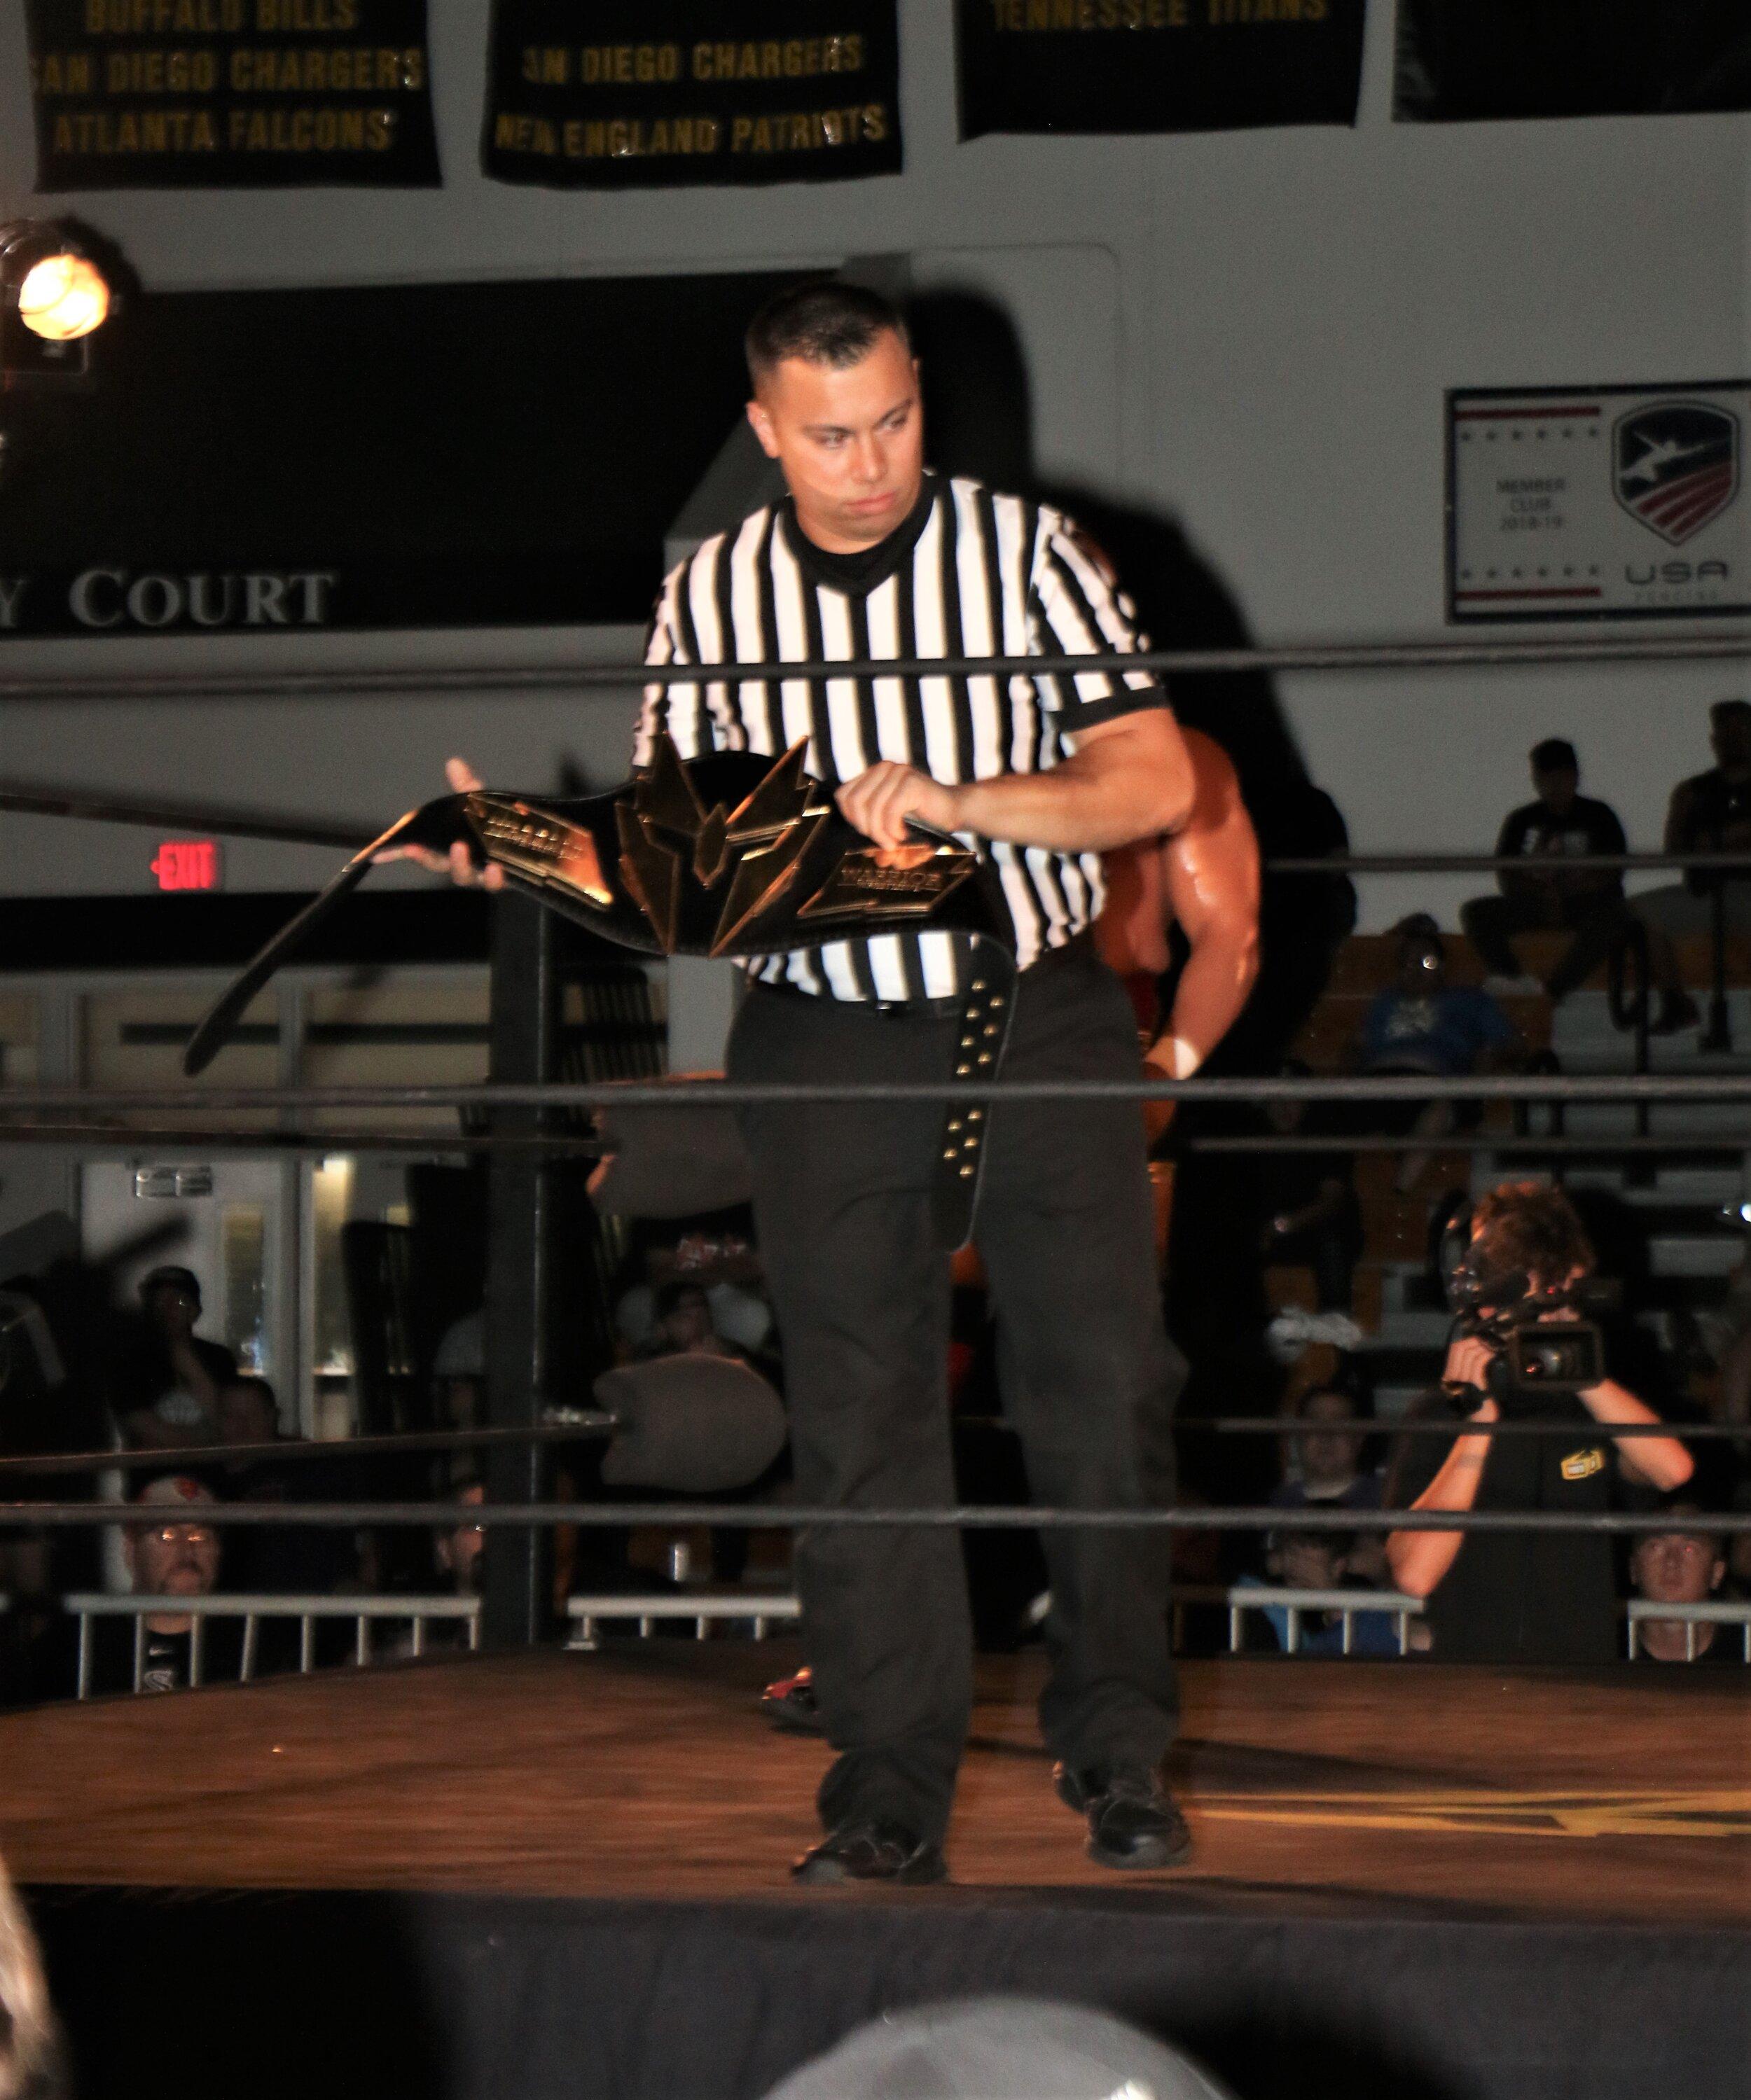 Referee Jeremy Tillema displays the Warrior Wrestling Championship belt.